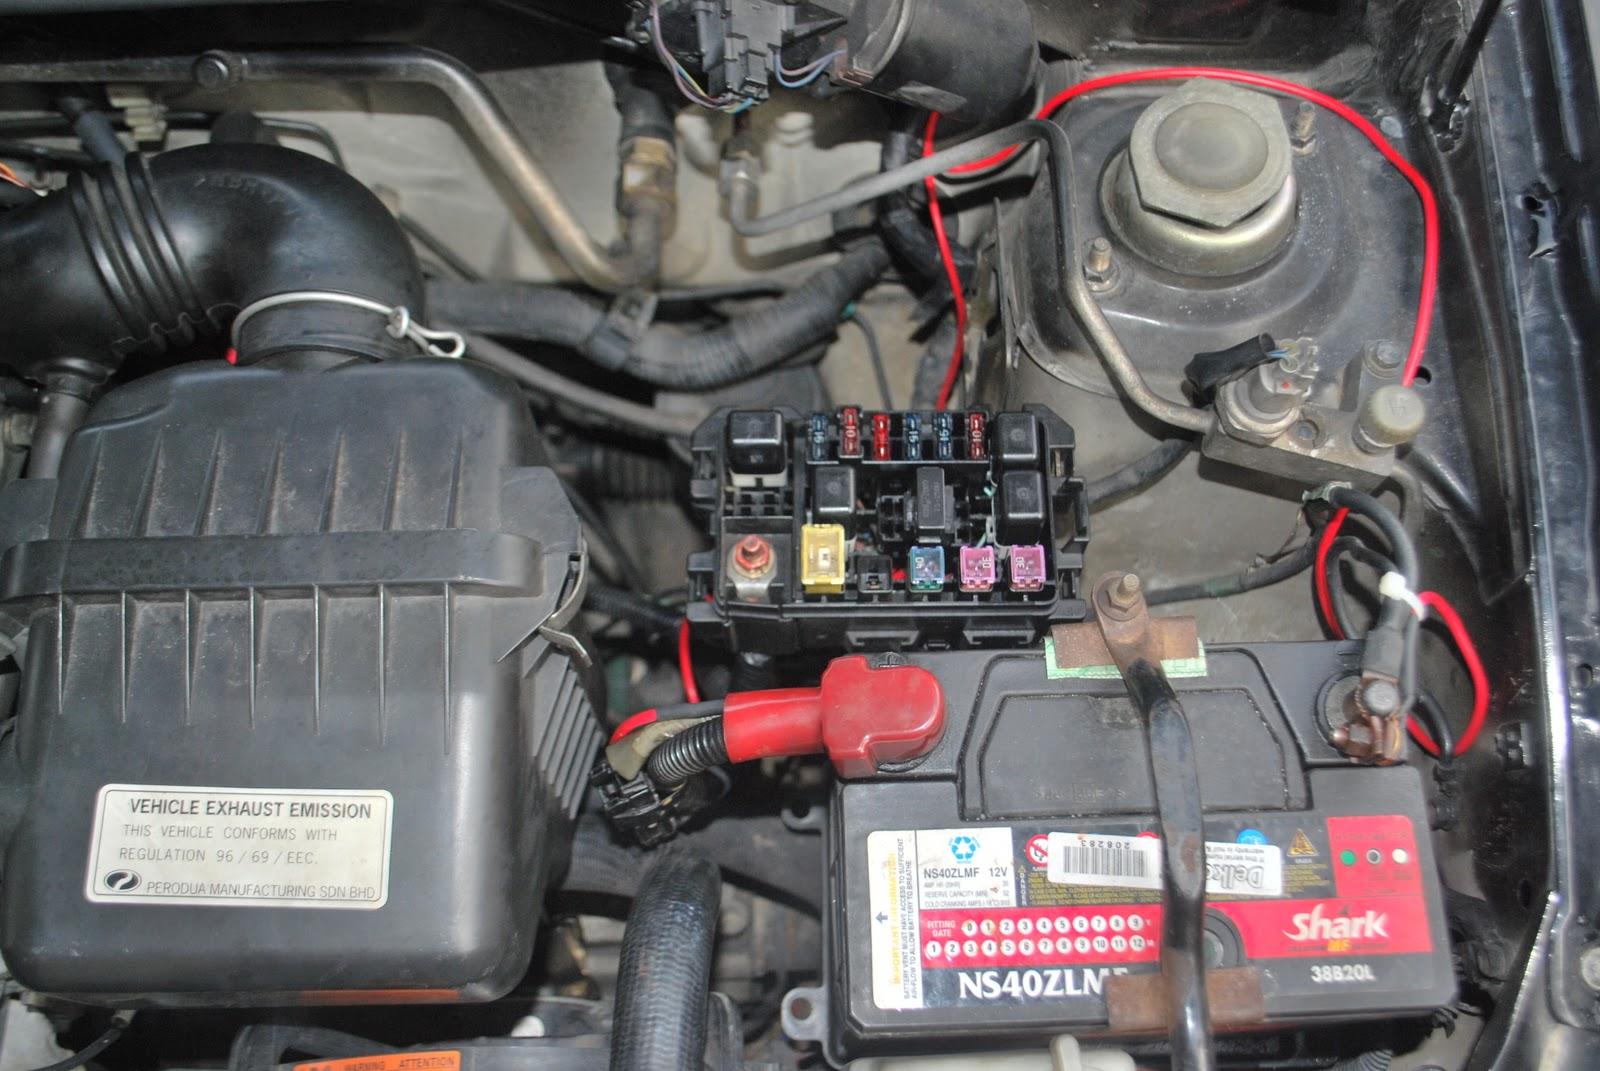 daihatsu perodua kelisa cuore relay fuse box 2 fuse box kancil 850 wiring diagram simonand perodua [ 1600 x 1071 Pixel ]